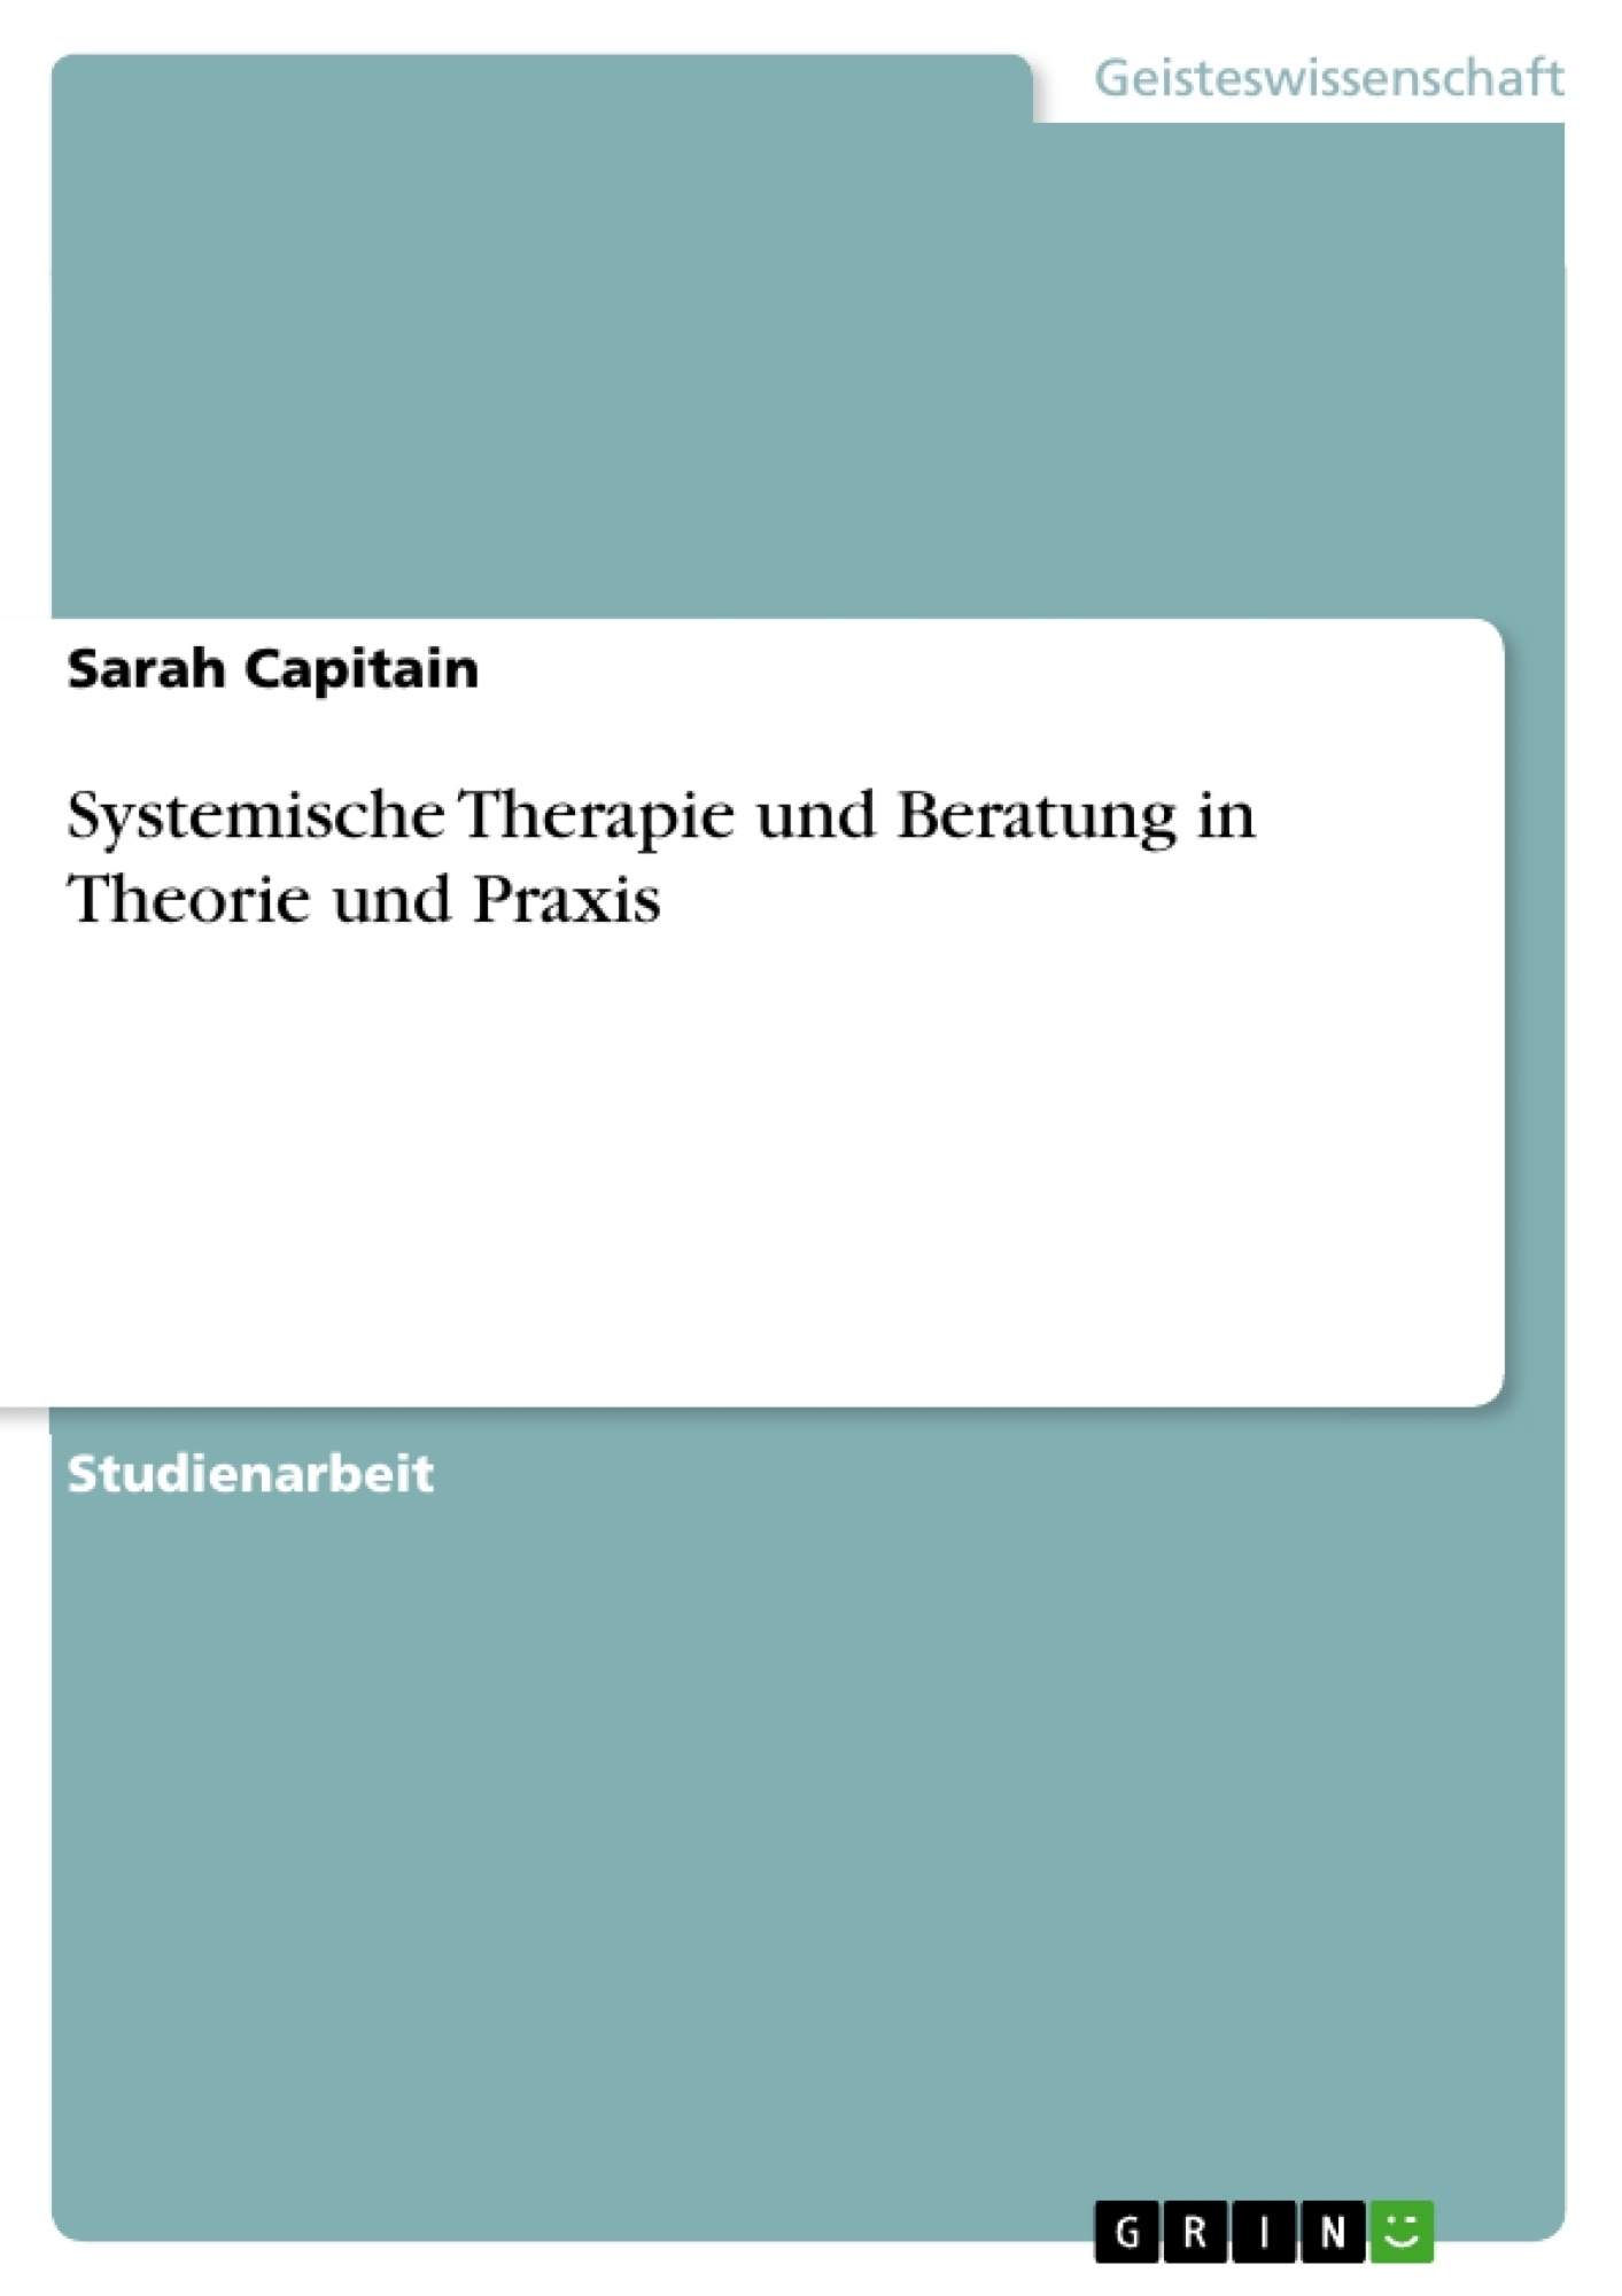 Titel: Systemische Therapie und Beratung in Theorie und Praxis